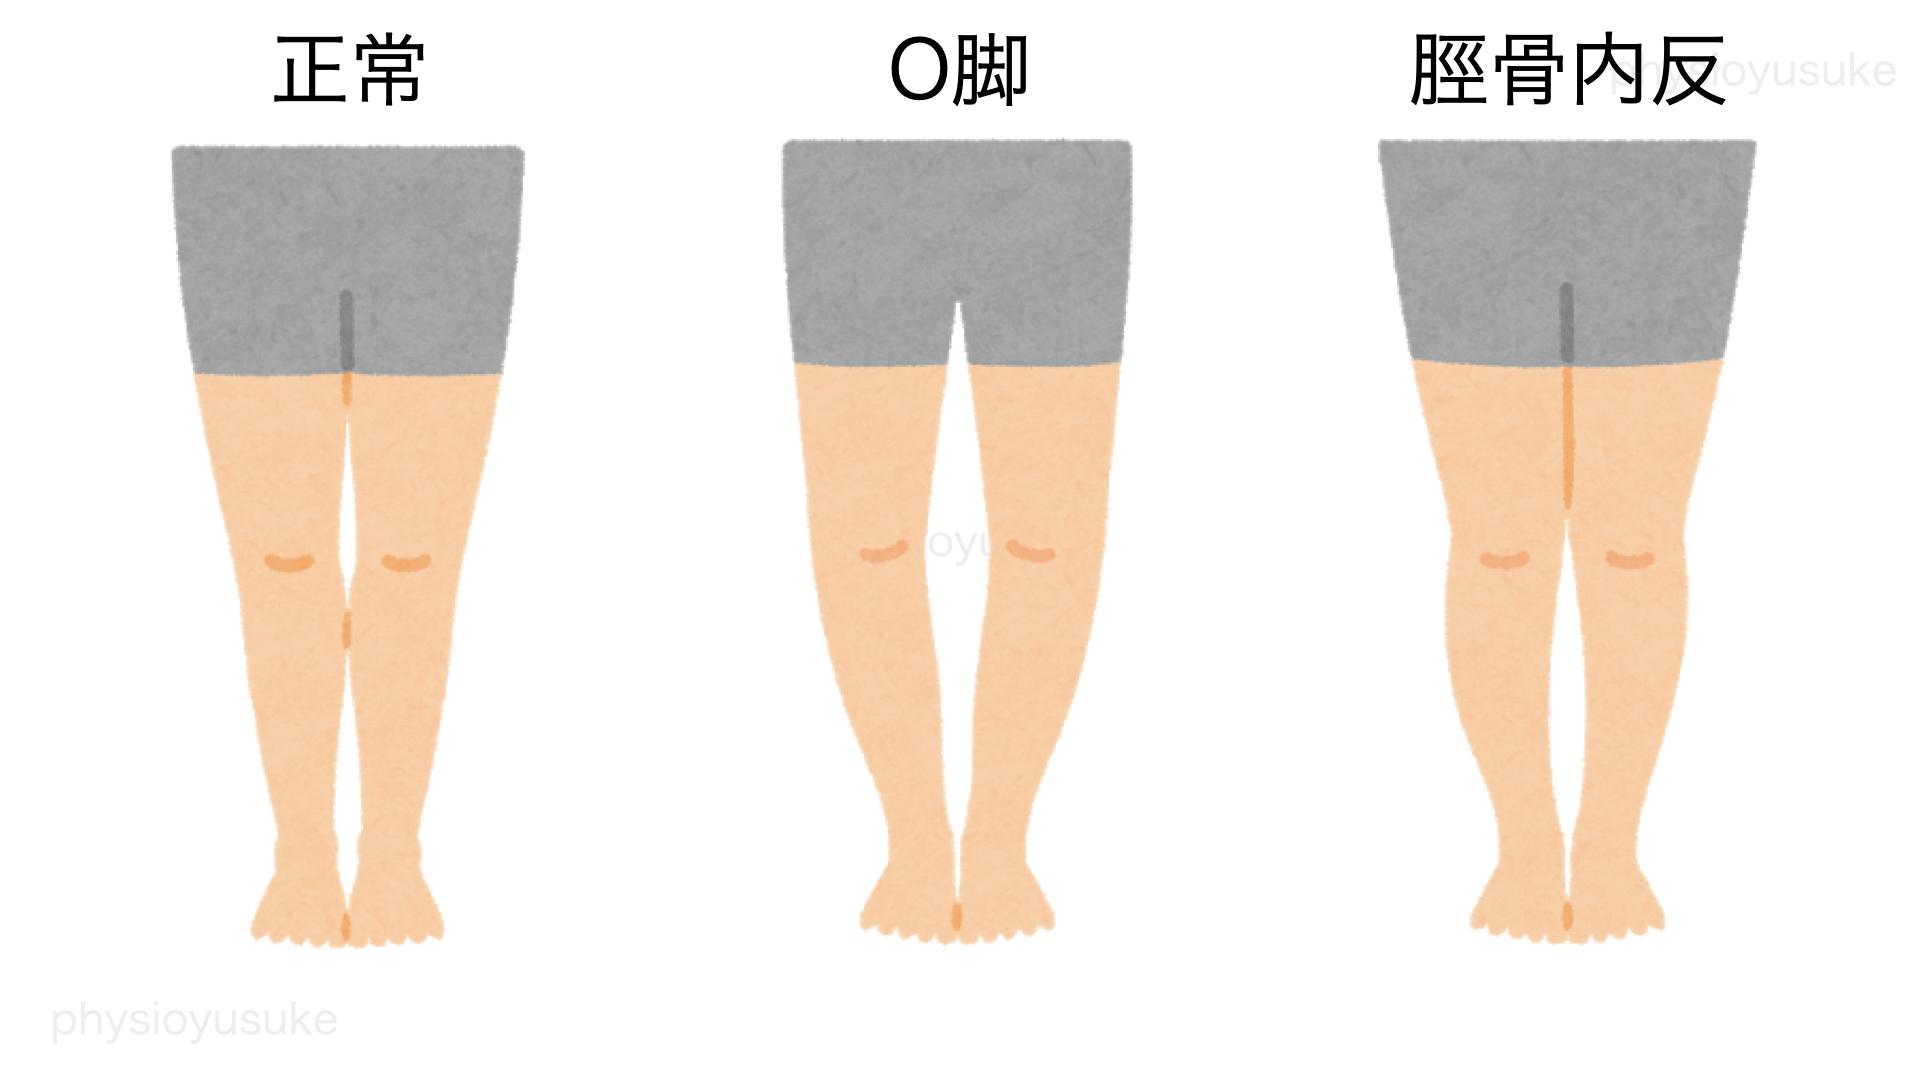 O脚、正常、脛骨内反